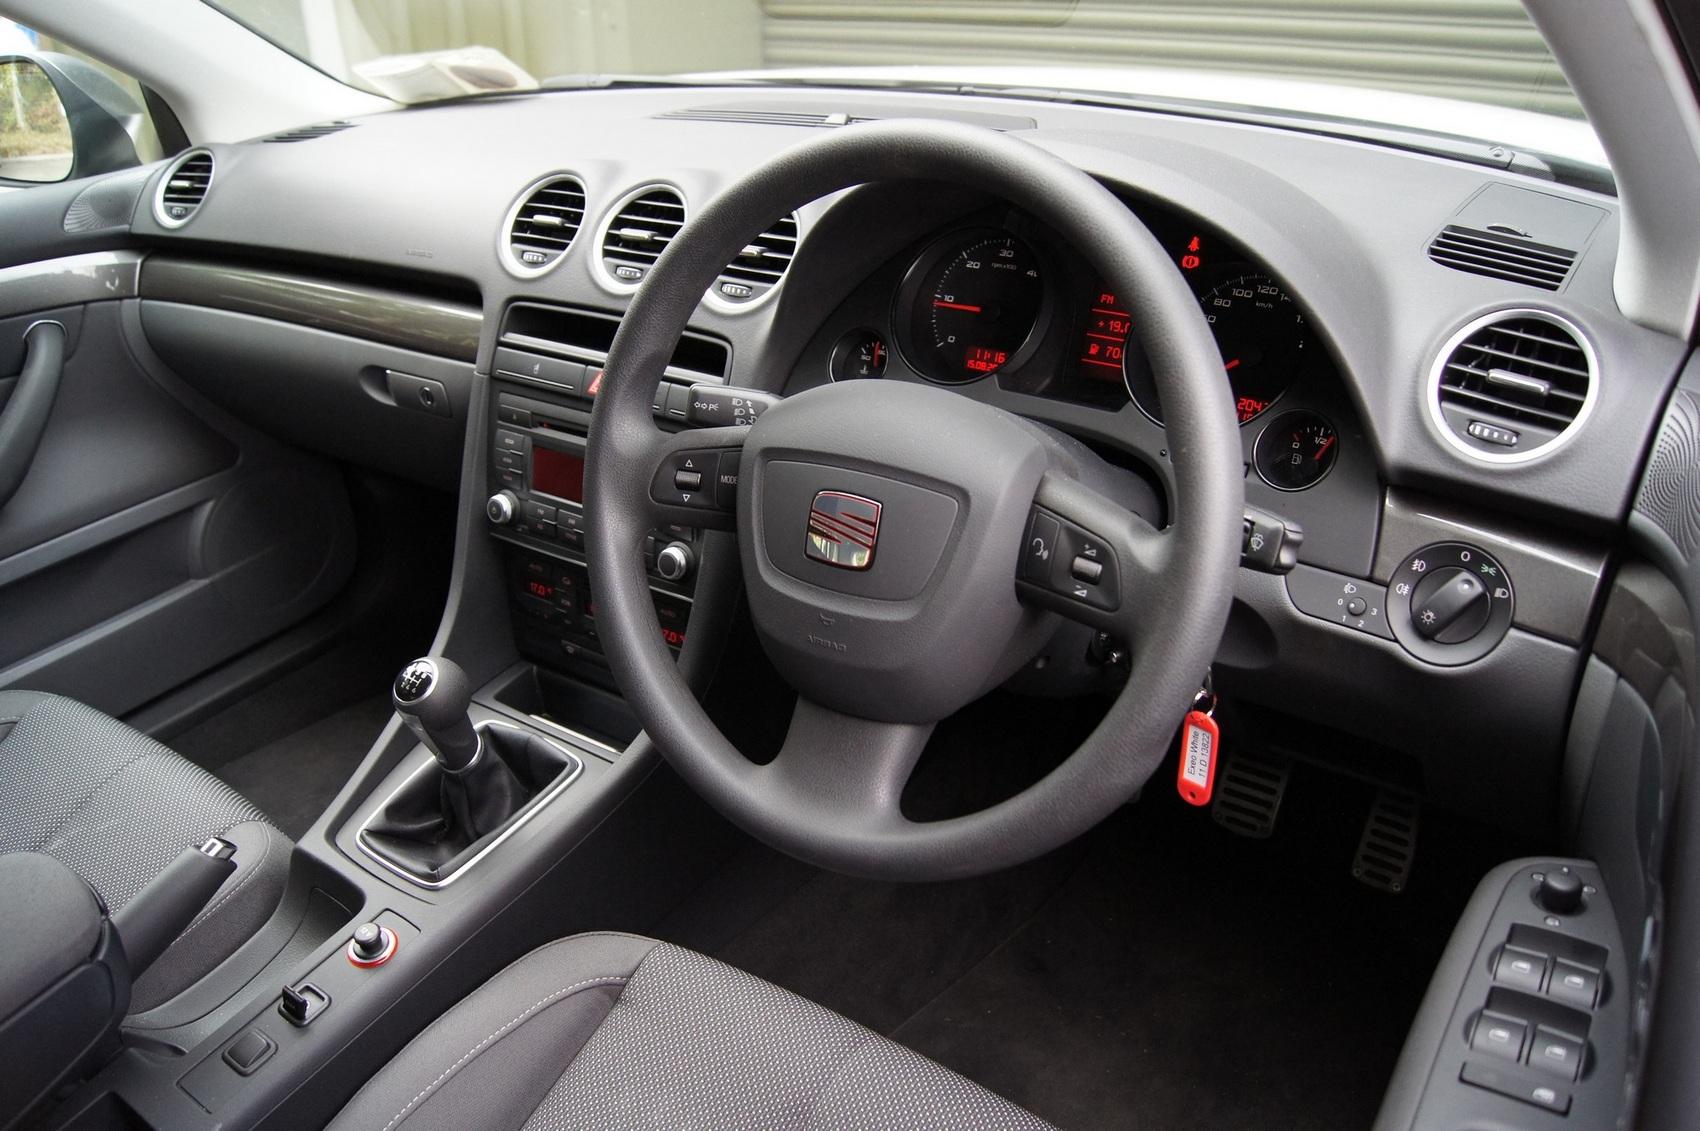 Seat Exeo - Drivers Interior